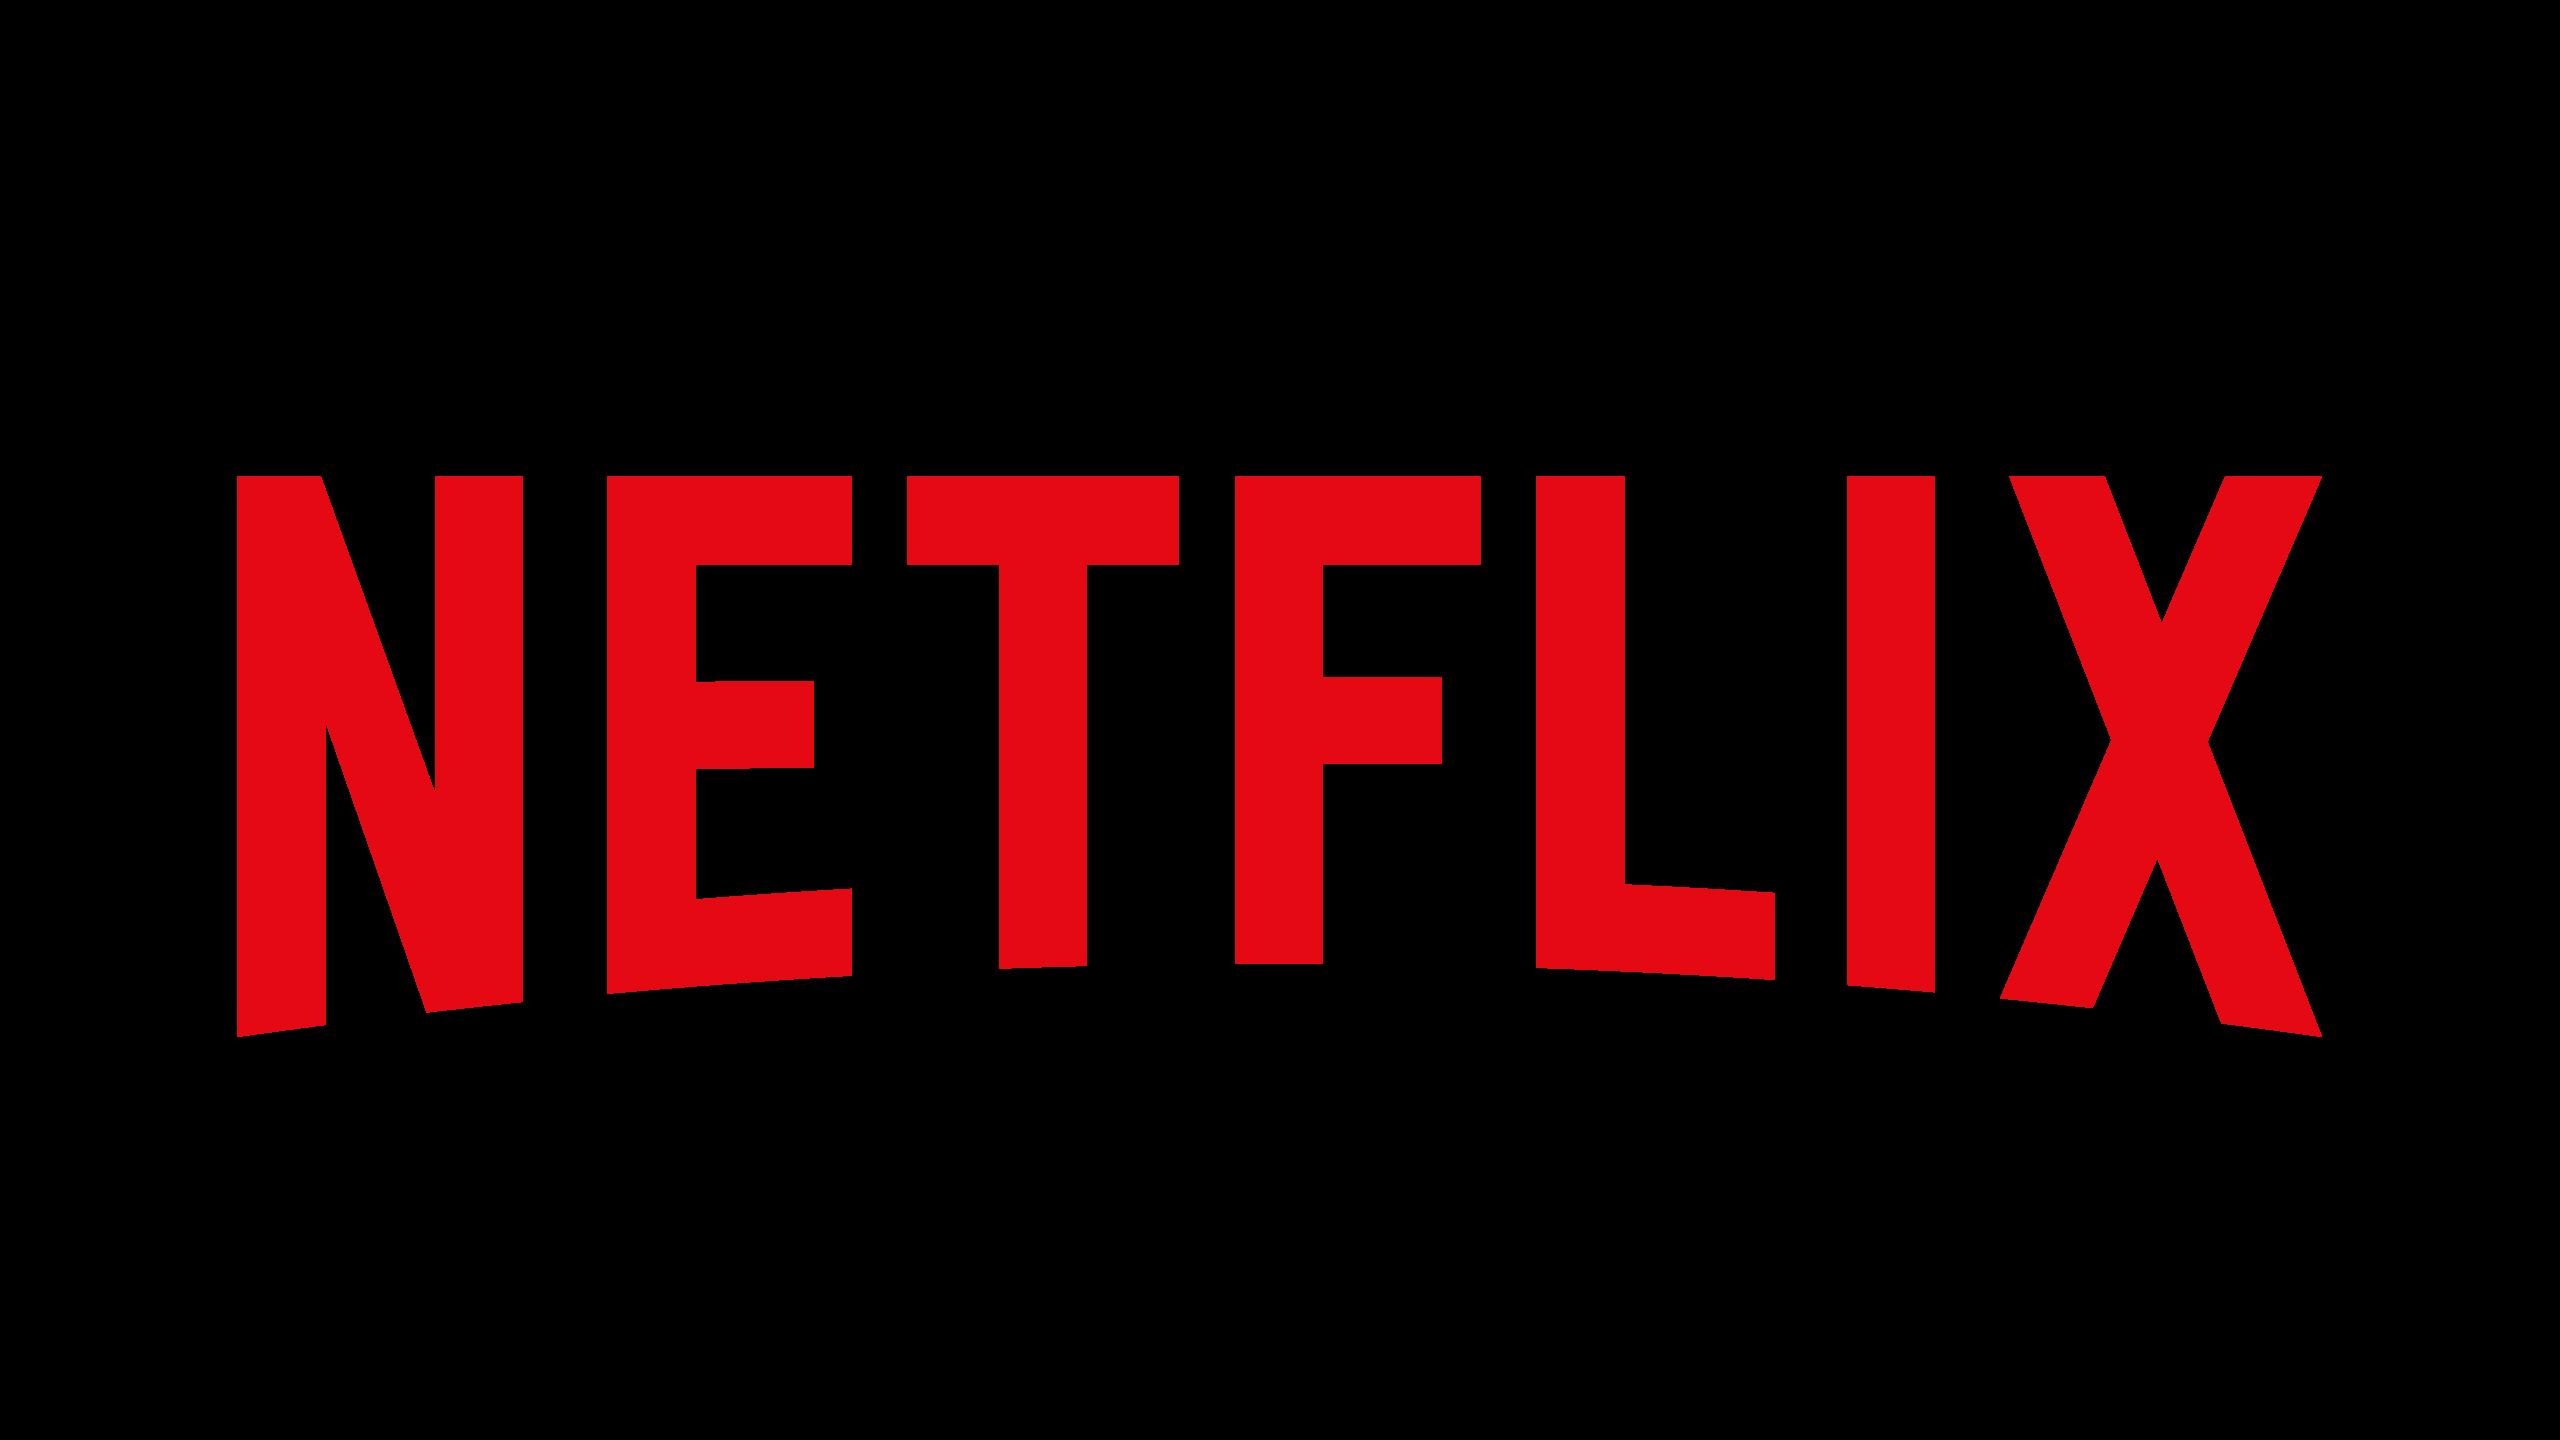 Netflix jobs logo